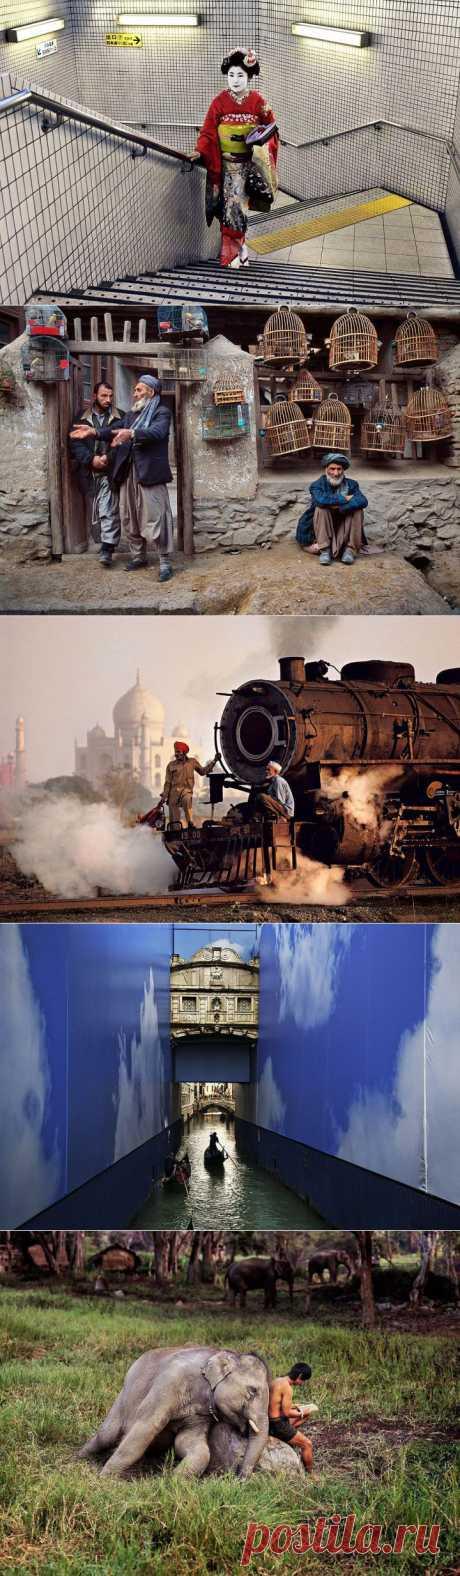 Самые красивые фотографии Стива Мак-Карри со всего света | ТУРИЗМ И ОТДЫХ